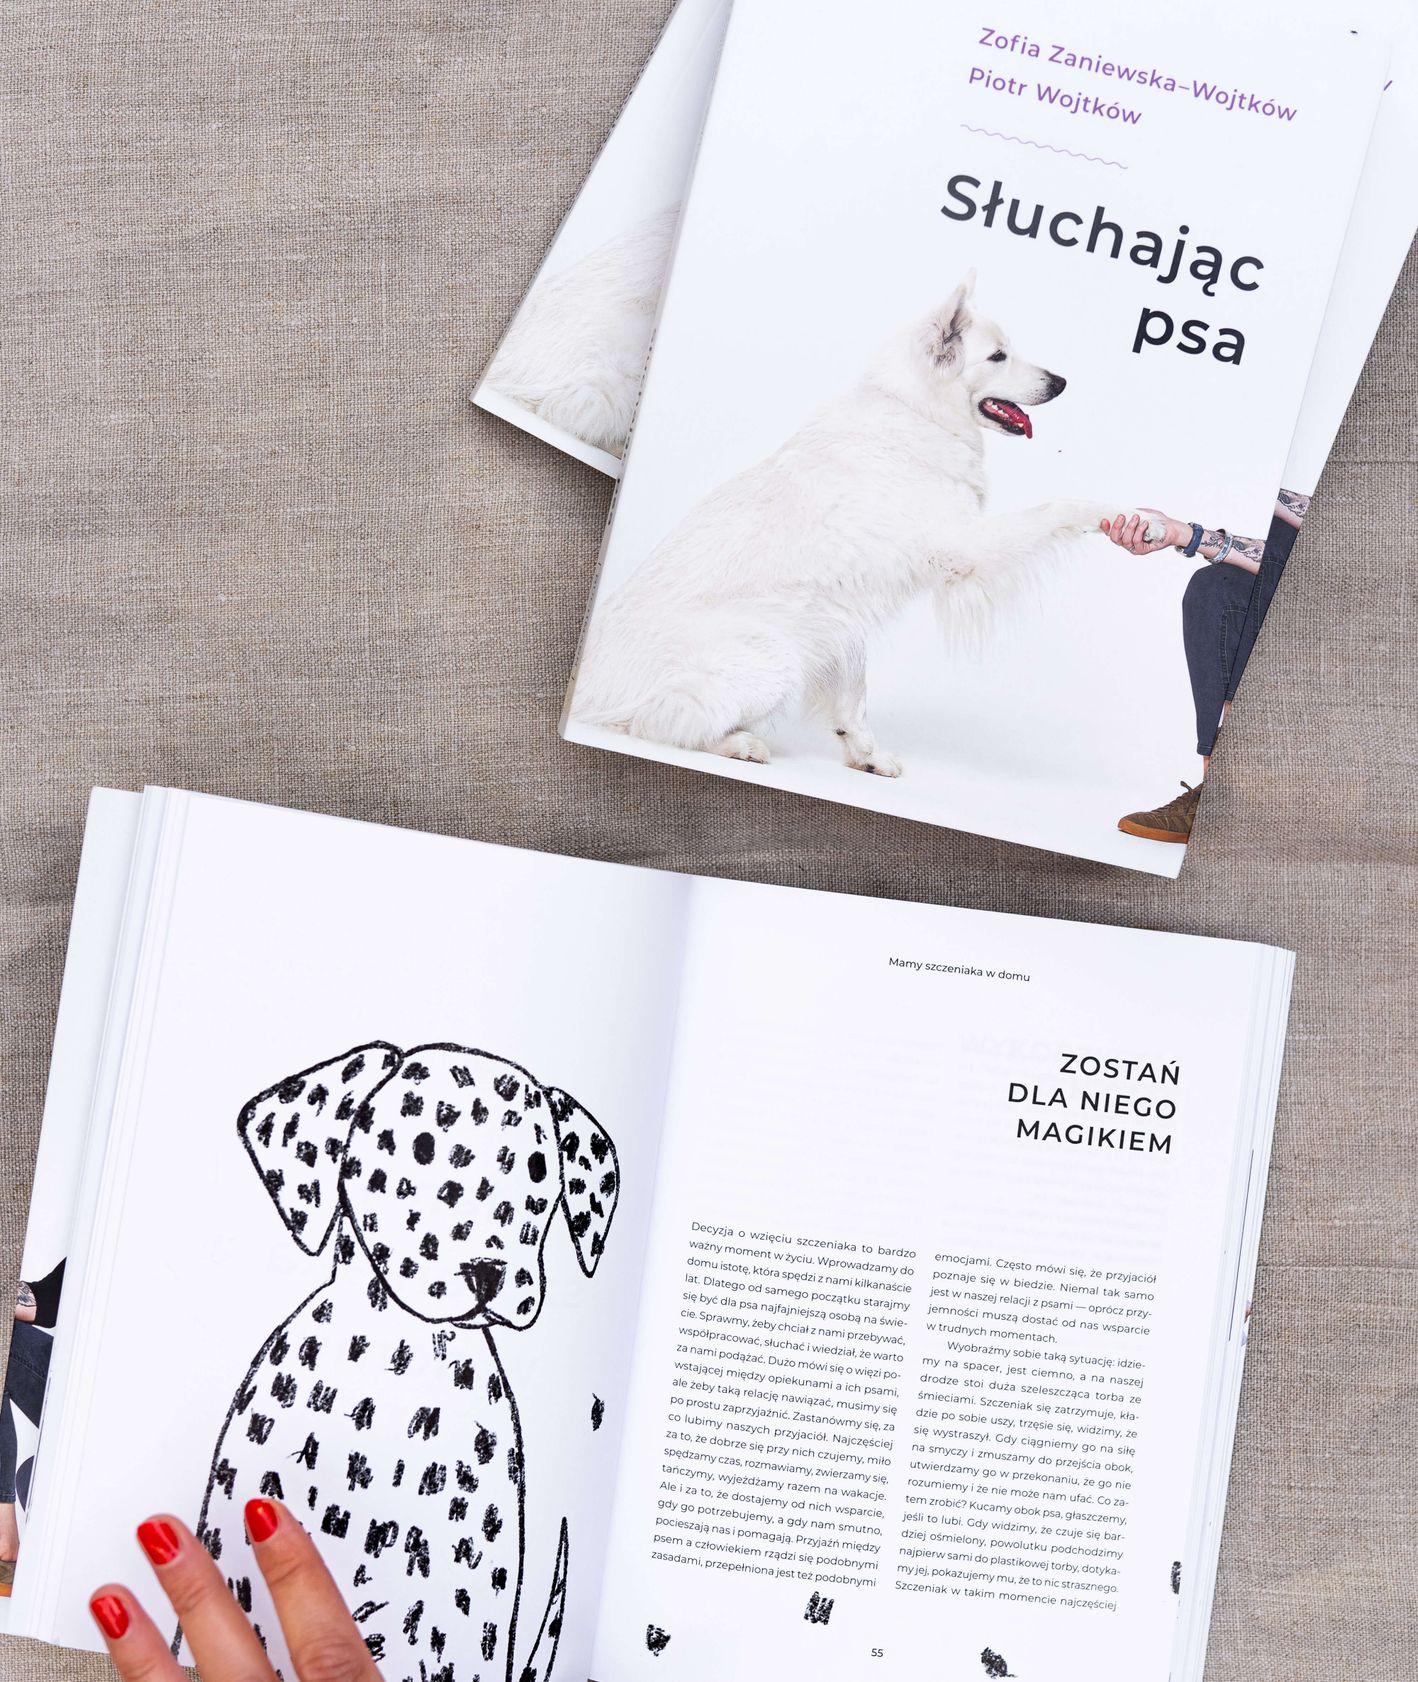 Książka o zachowaniach psa